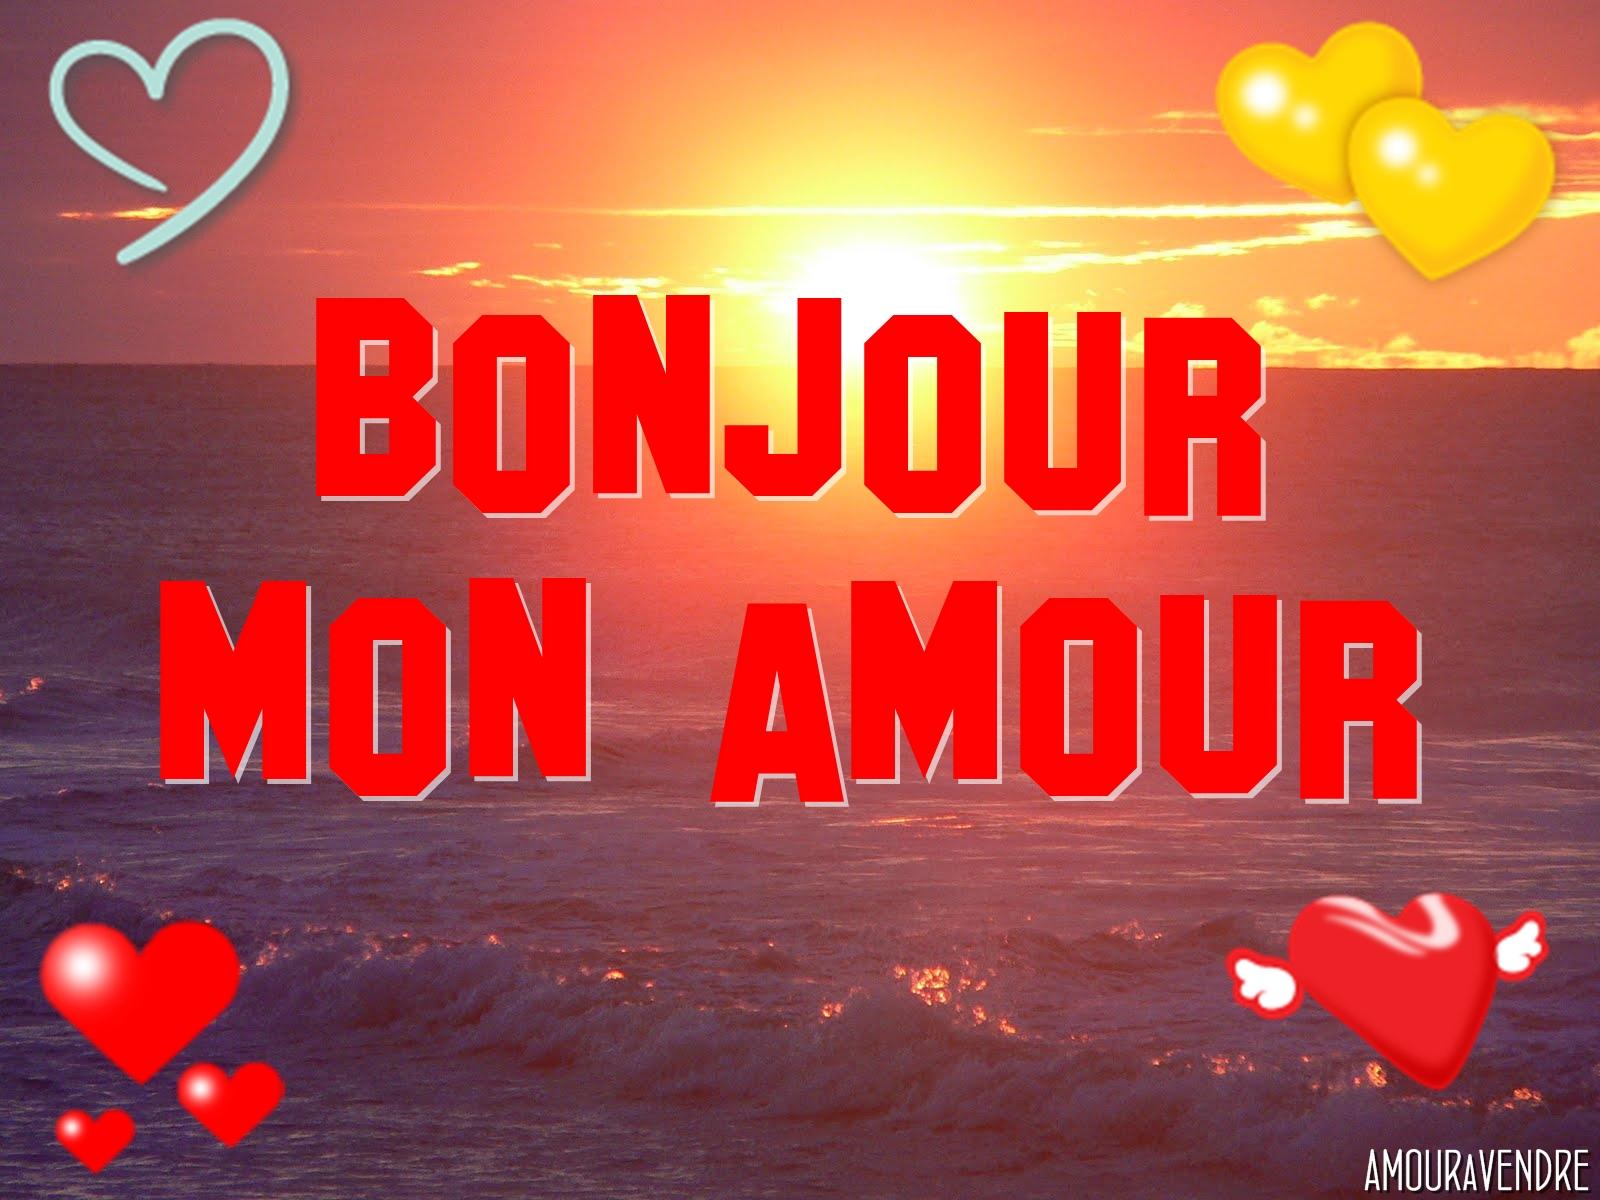 Super SMS d'amour Bonjour à son amour | les meilleurs SMS d'amour 2015 MM73